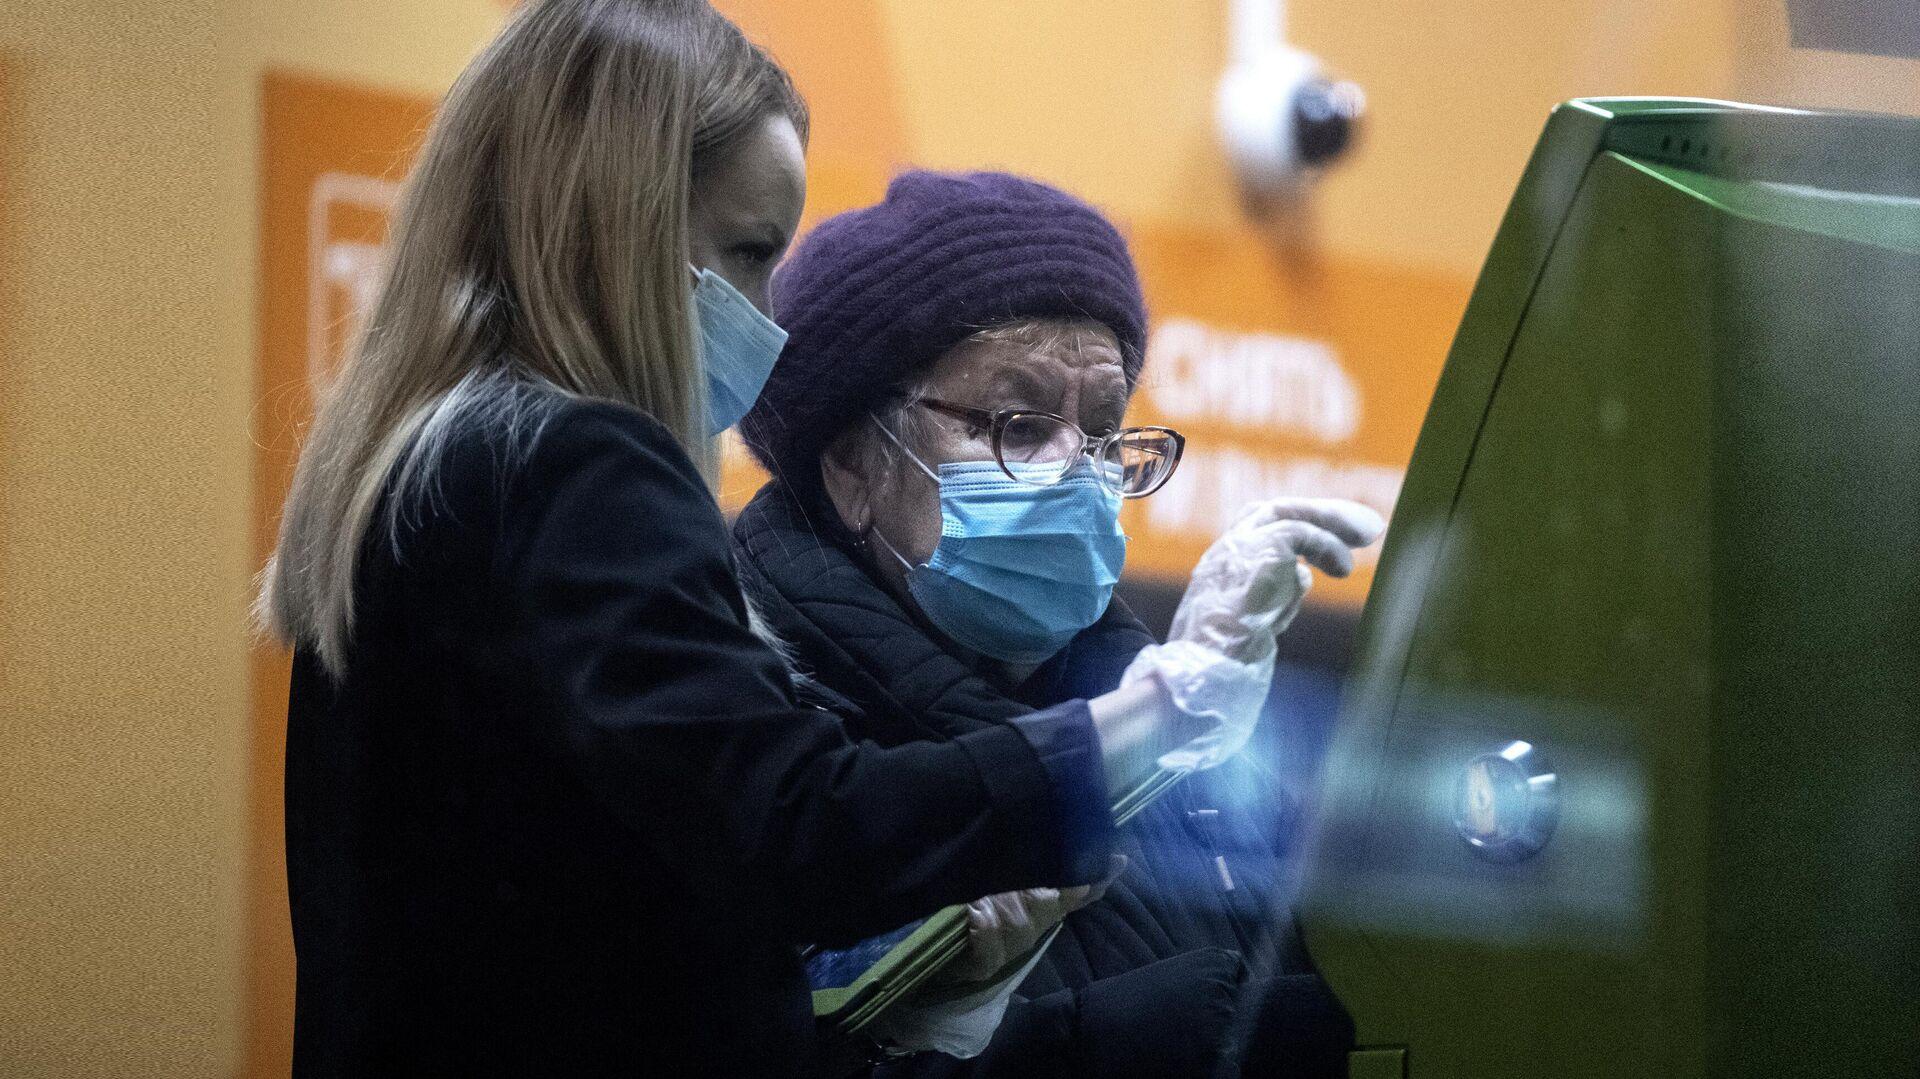 Сотрудница в отделении Сбера помогает женщине у банкомата - РИА Новости, 1920, 09.02.2021